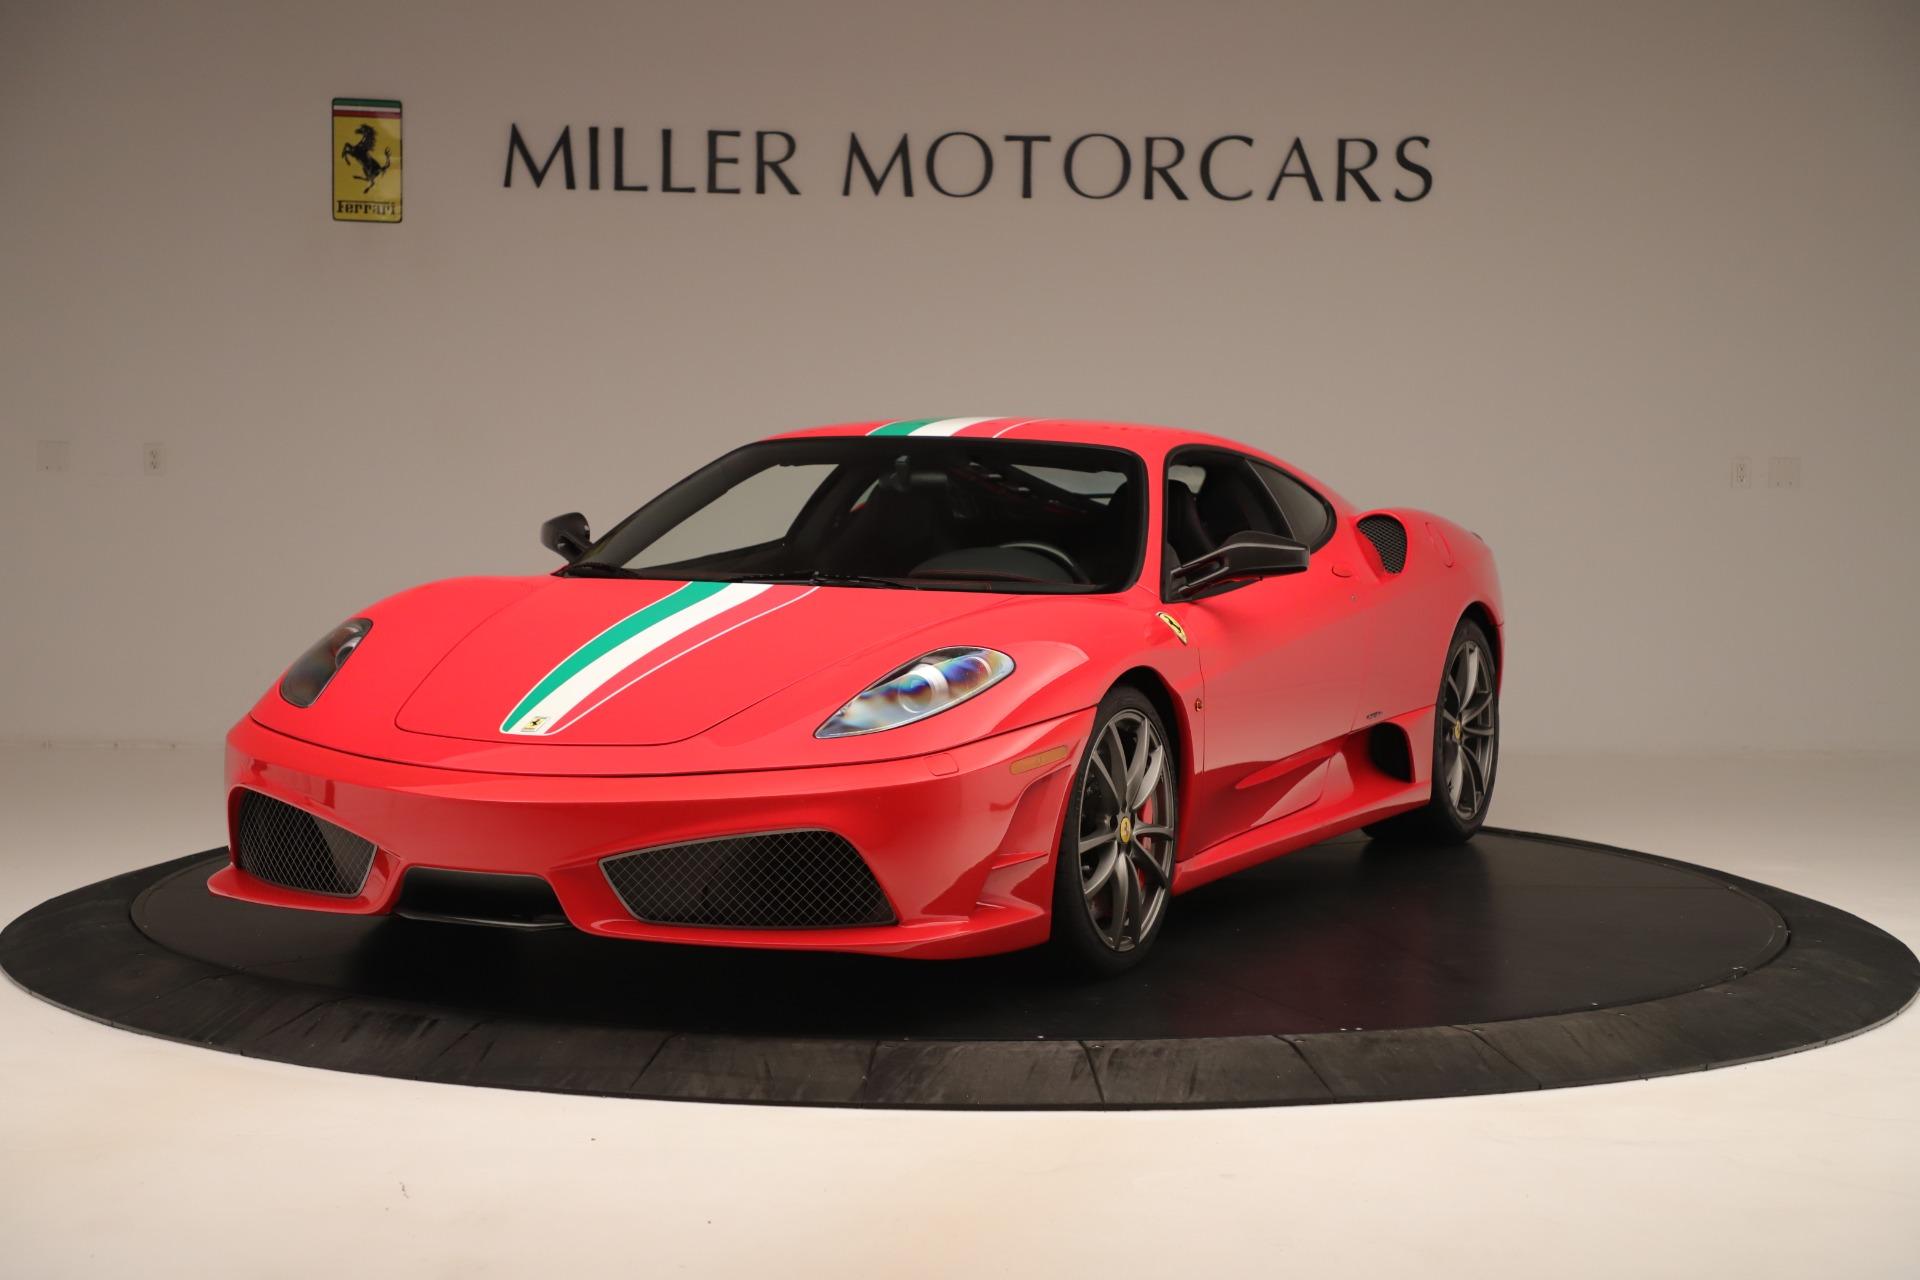 Used 2008 Ferrari F430 Scuderia for sale Sold at Bugatti of Greenwich in Greenwich CT 06830 1